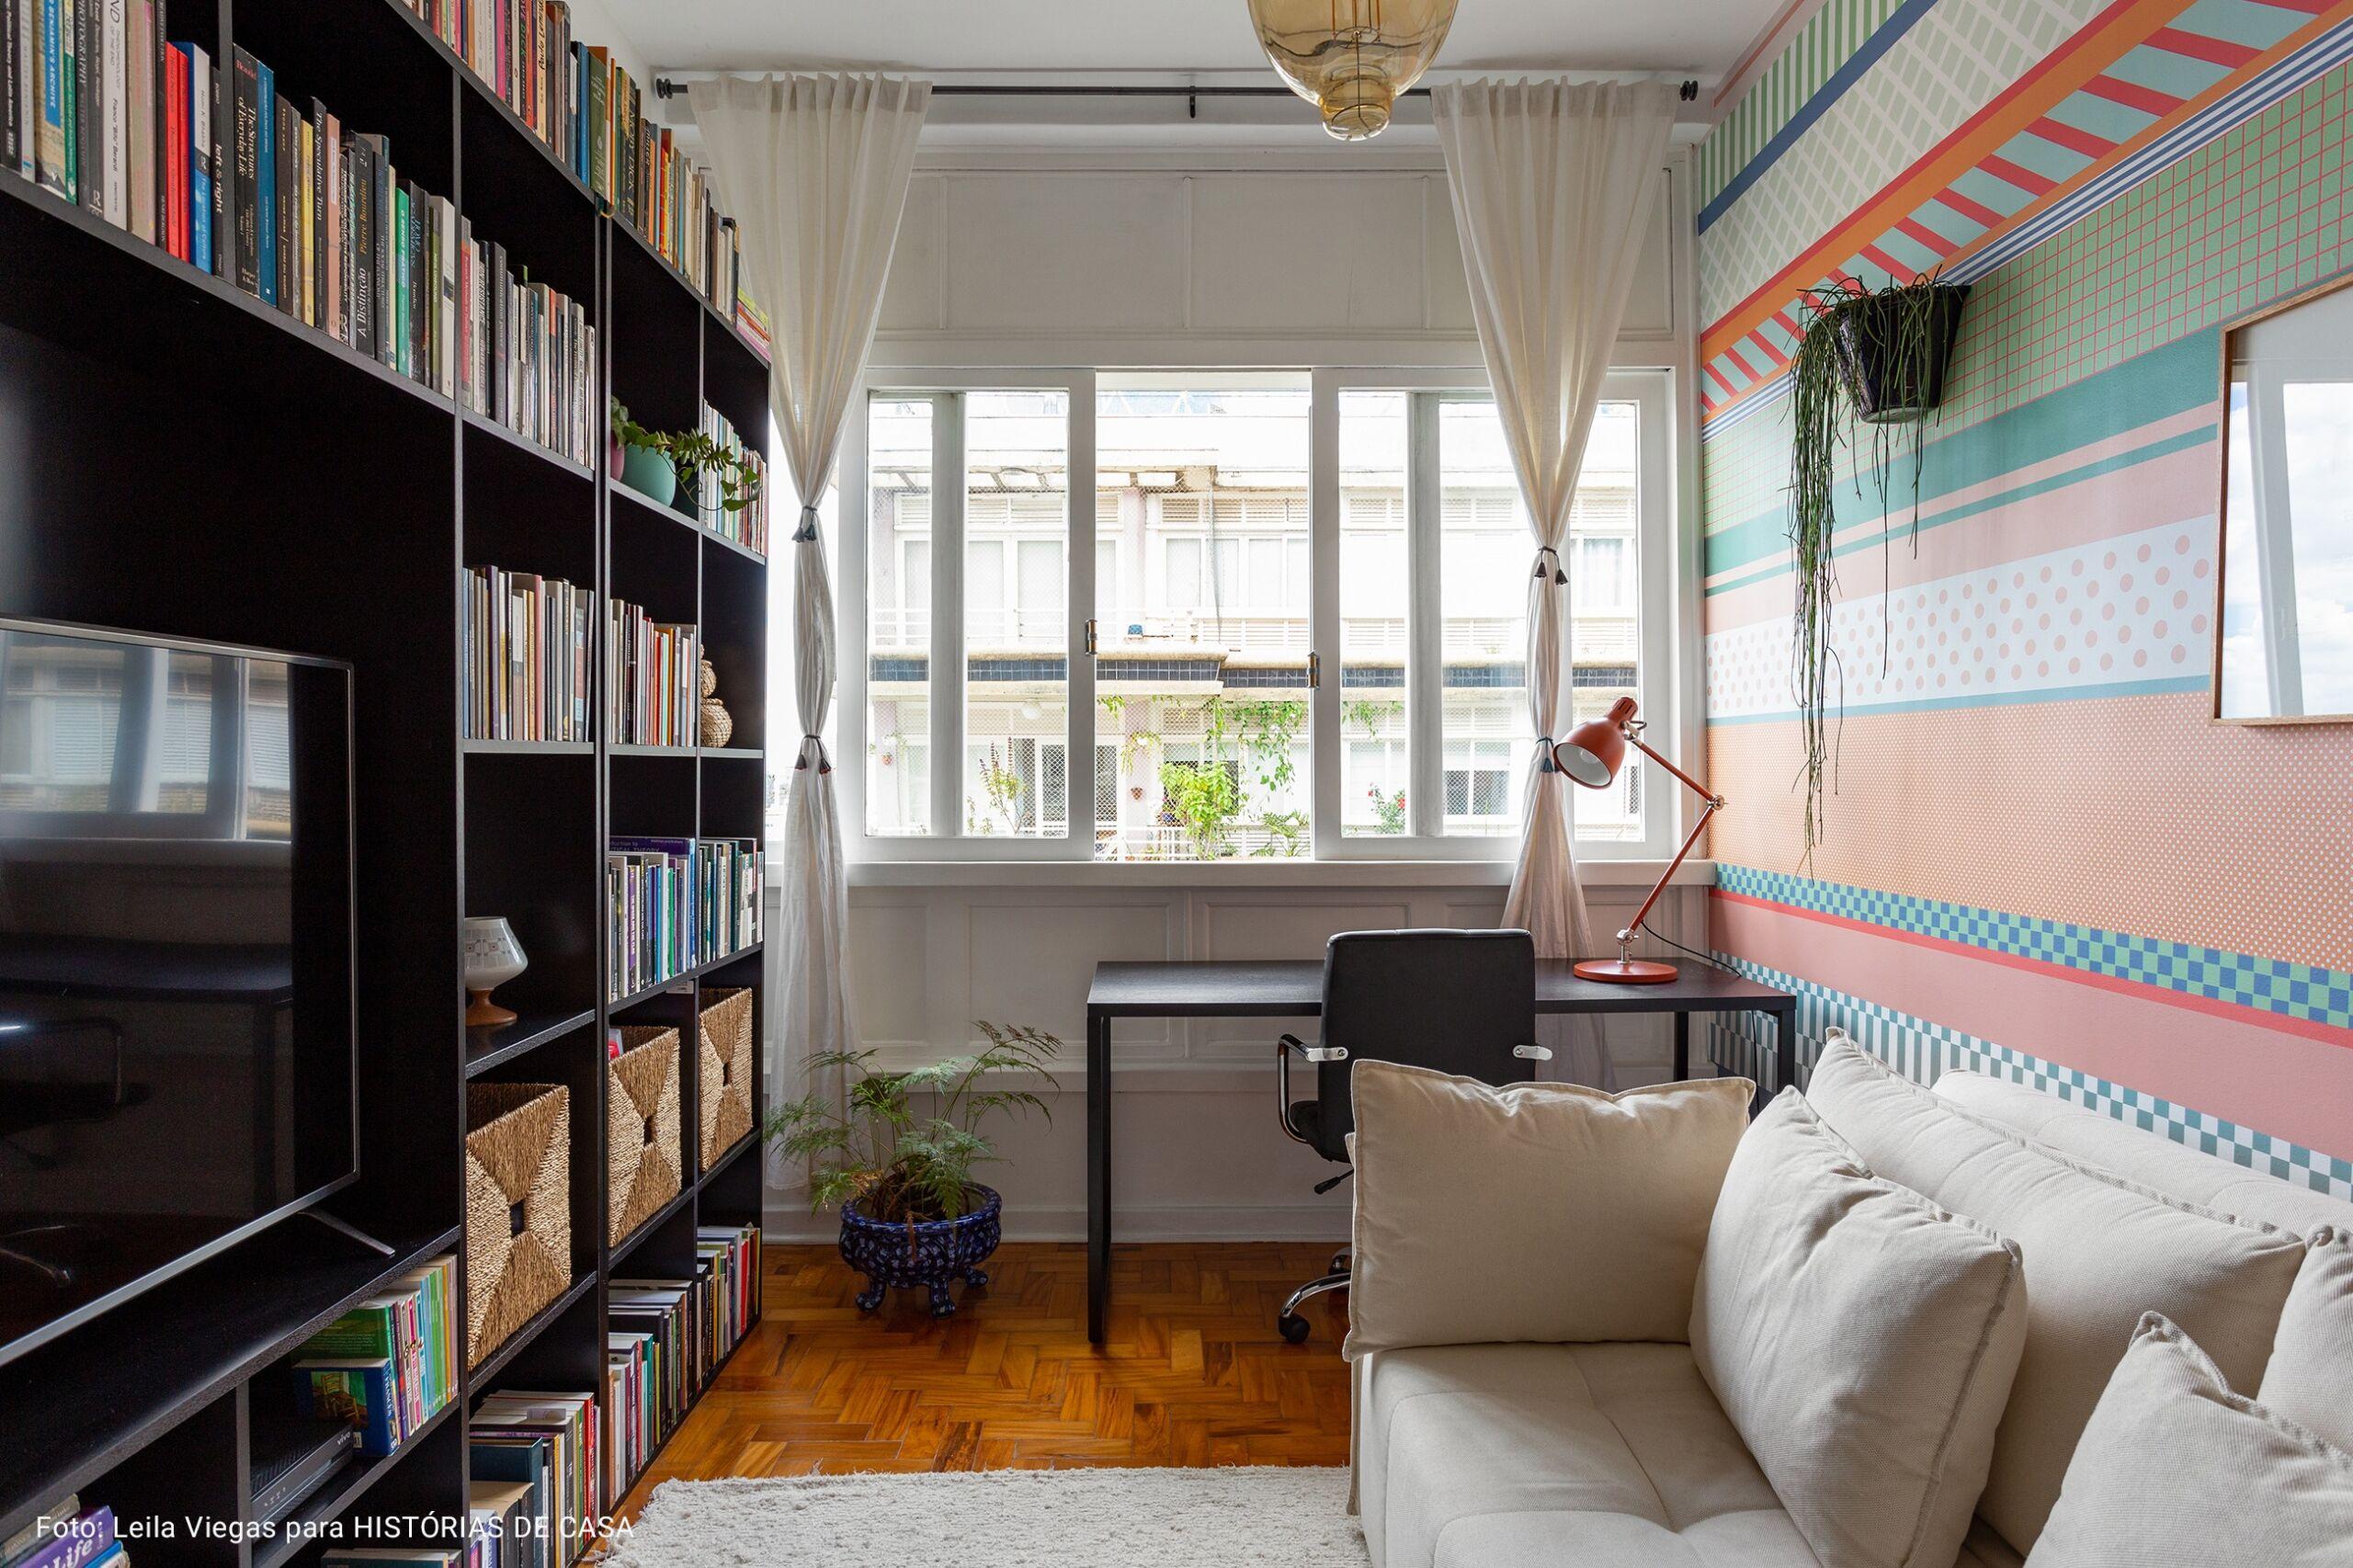 apartamento no centro com chão de taco